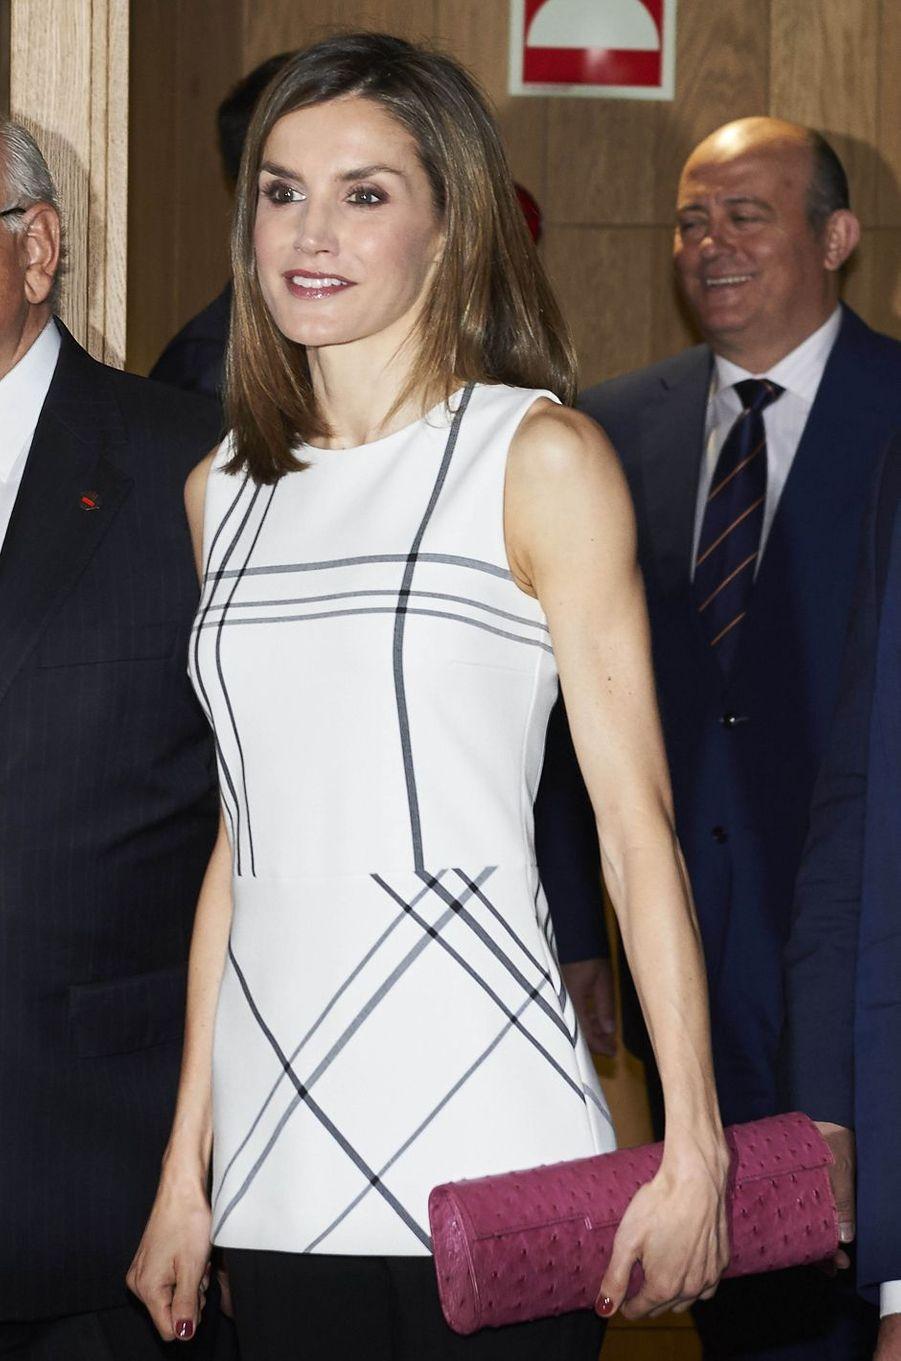 La reine Letizia d'Espagne à Madrid, le 30 septembre 2016